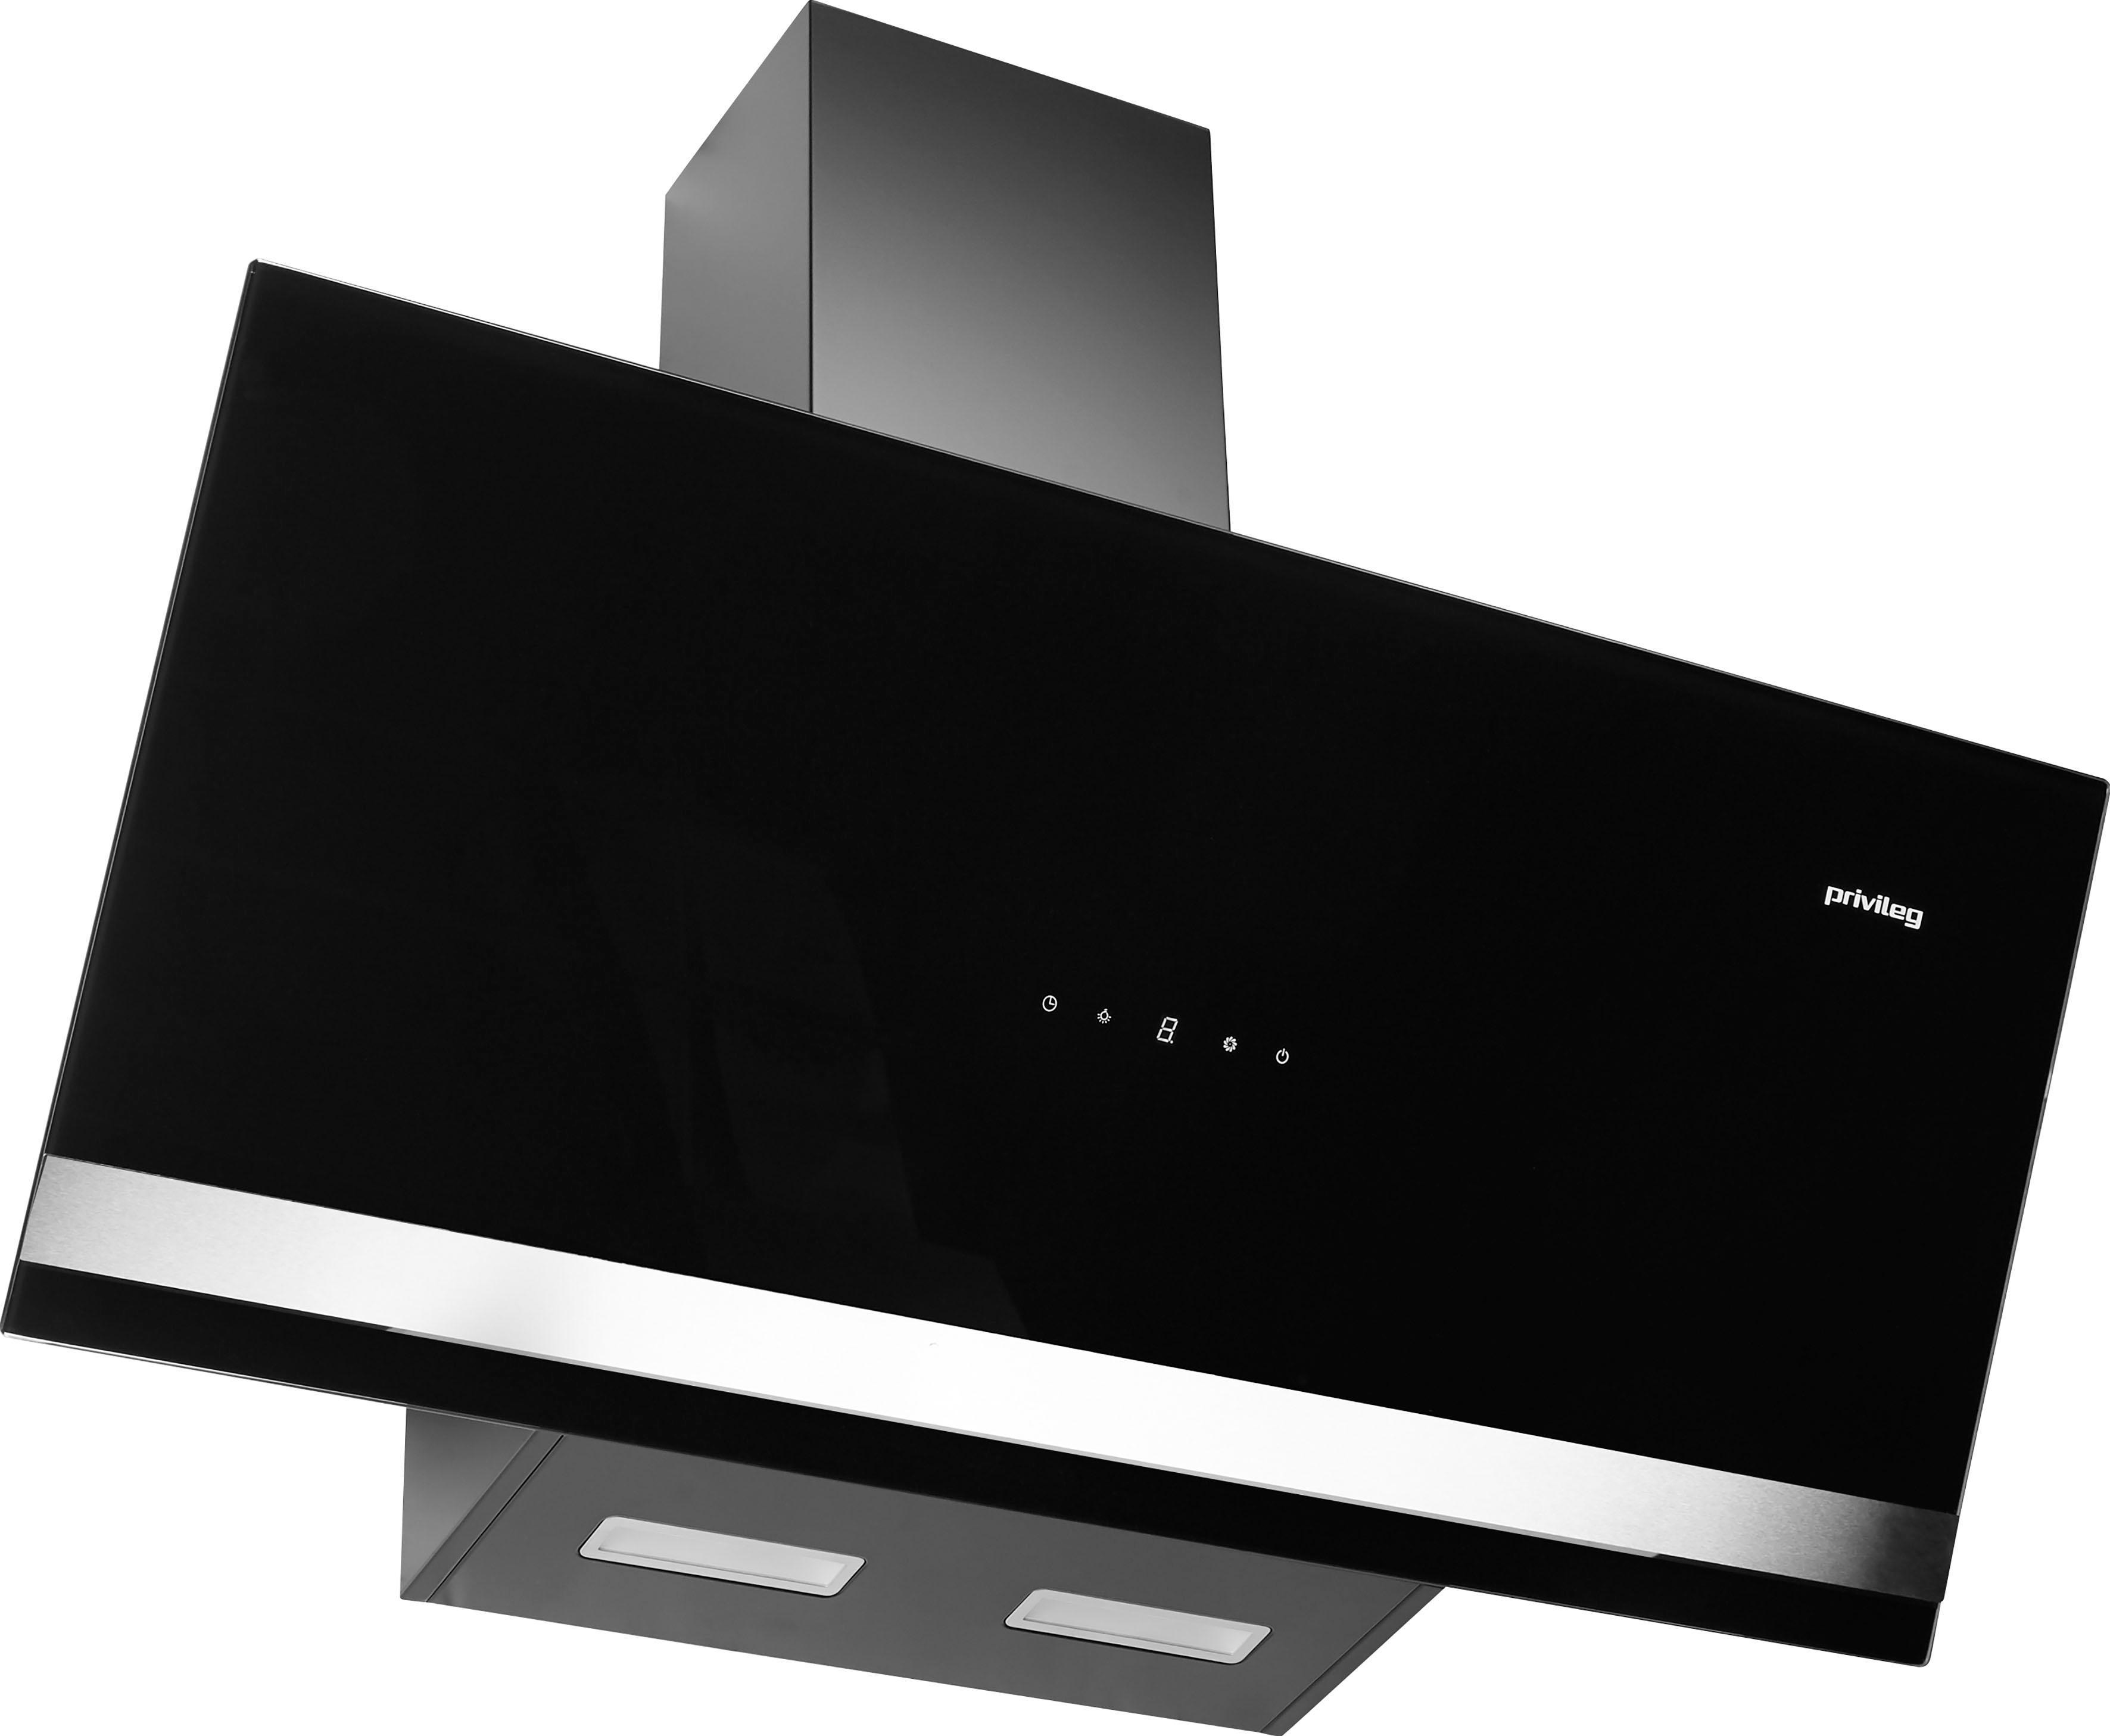 Privileg Kopffreihaube SY-103E13-E4-C55-L52-900 EEK A schwarz Kopffreihauben Dunstabzugshauben Haushaltsgeräte Dunstabzugshaube